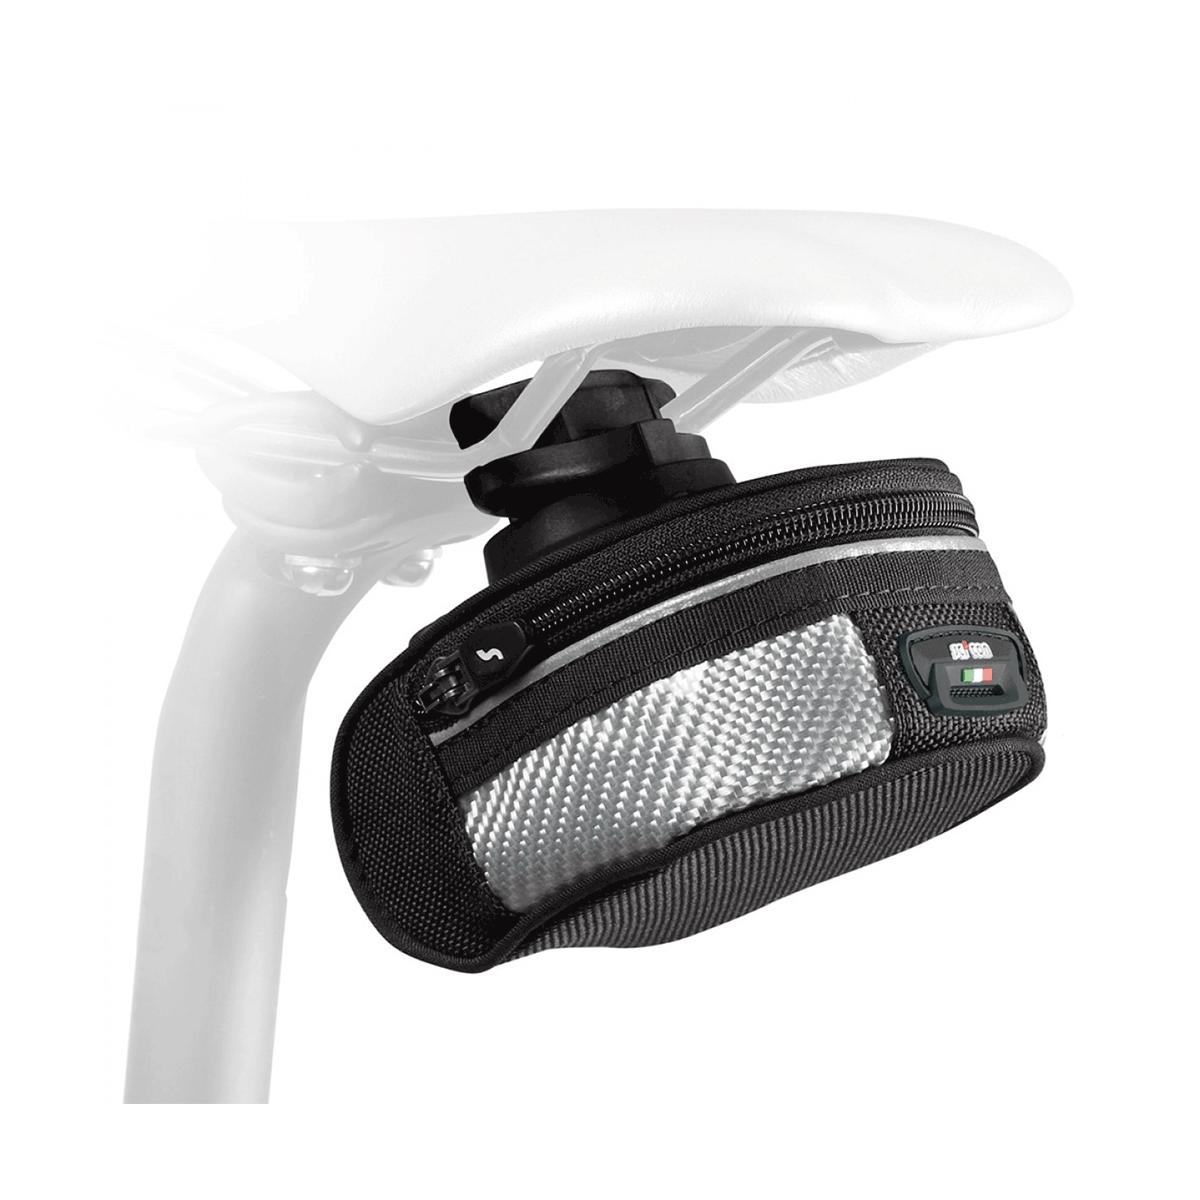 SCICON-VORTEX-480-PRO-Karbon-beyaz.png